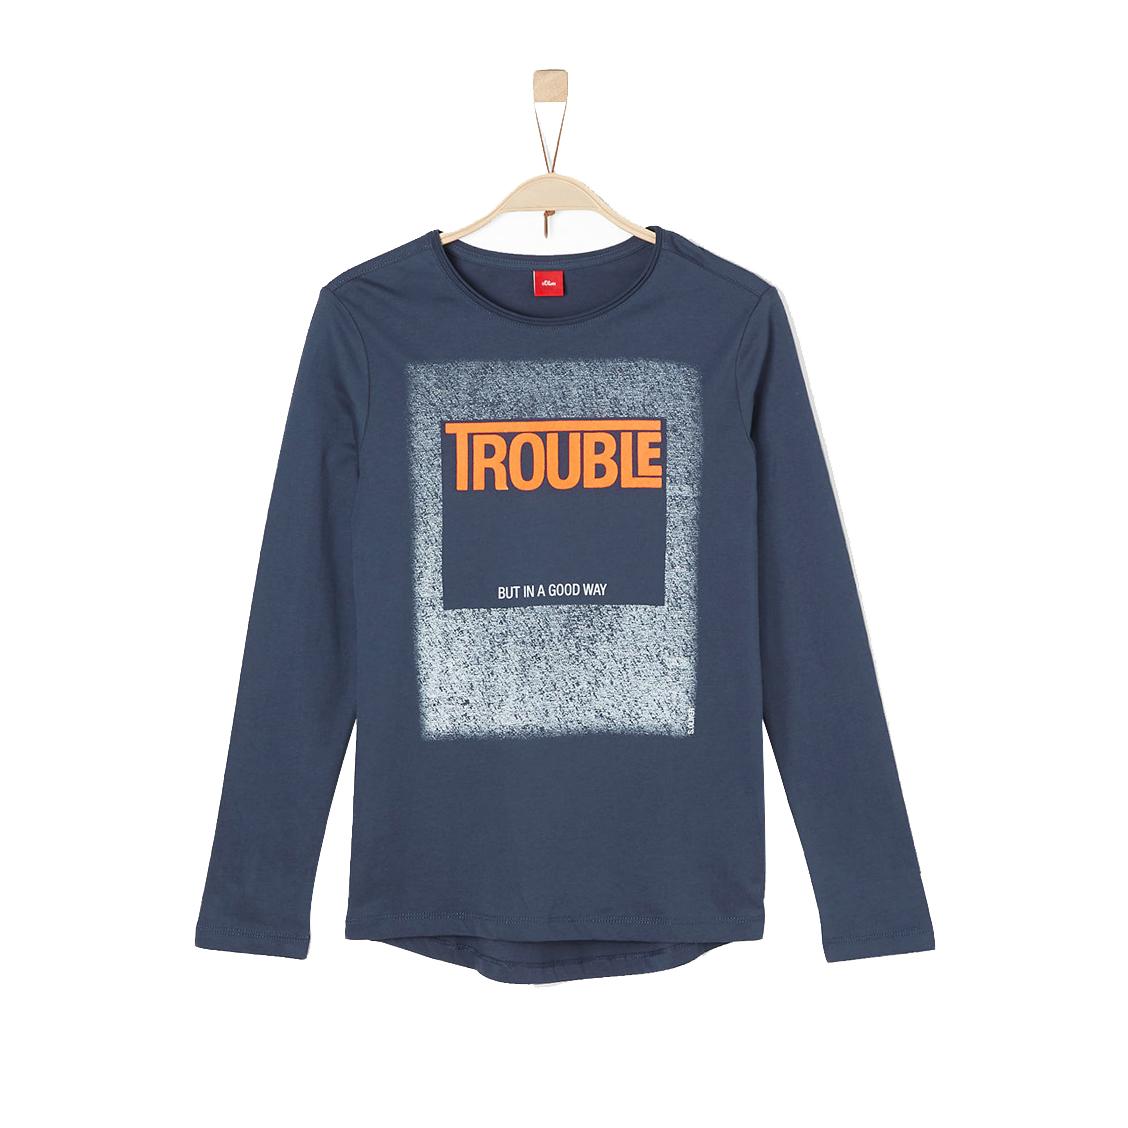 Tee-shirt col rond manches longues  en coton bleu marine floqué en blanc et orange